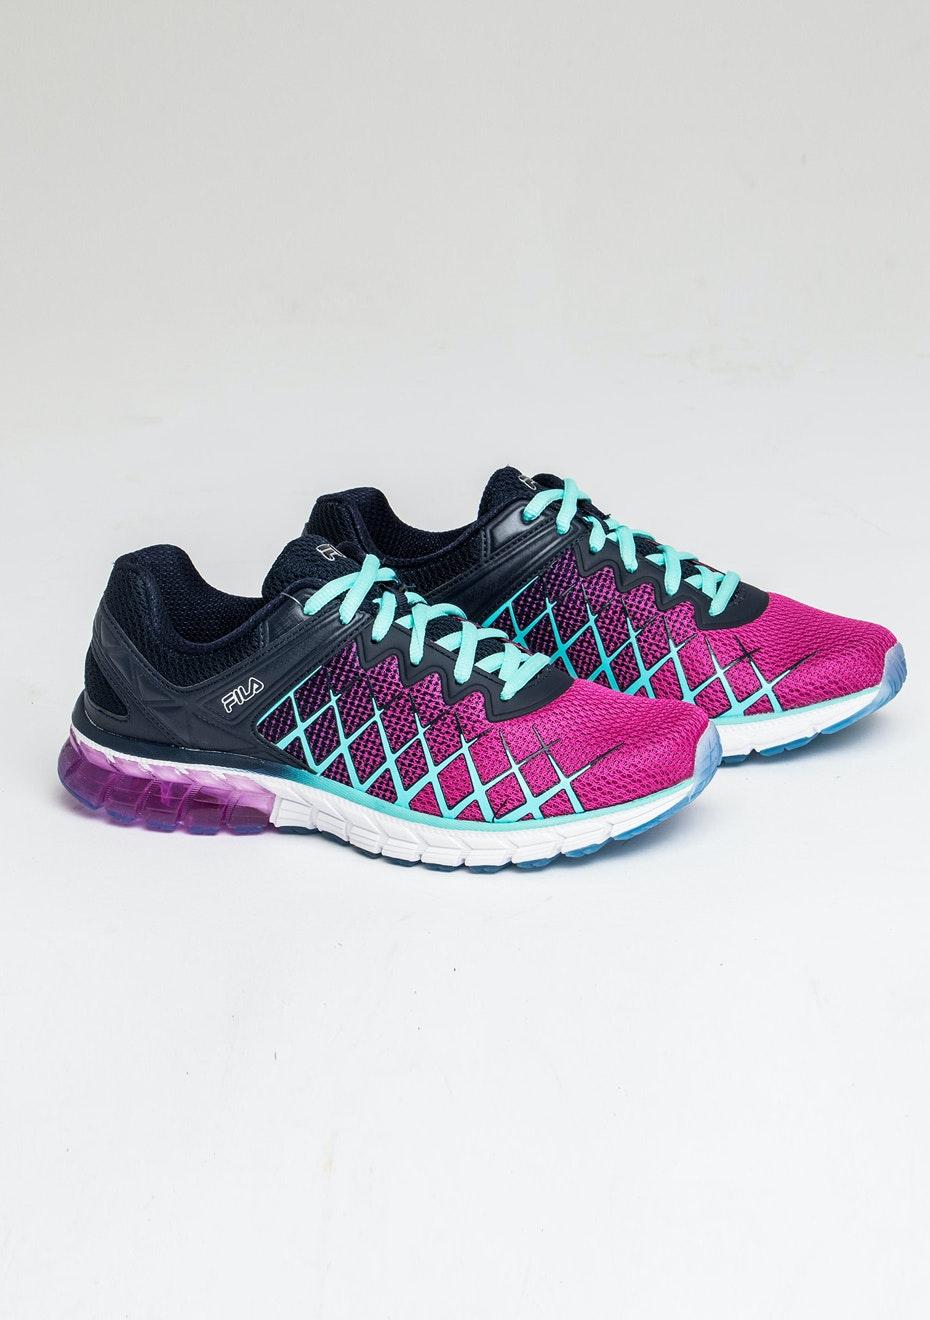 fila running shoes womens. fila - guardian 2 energized purple/navy/aqua blue running shoes womens